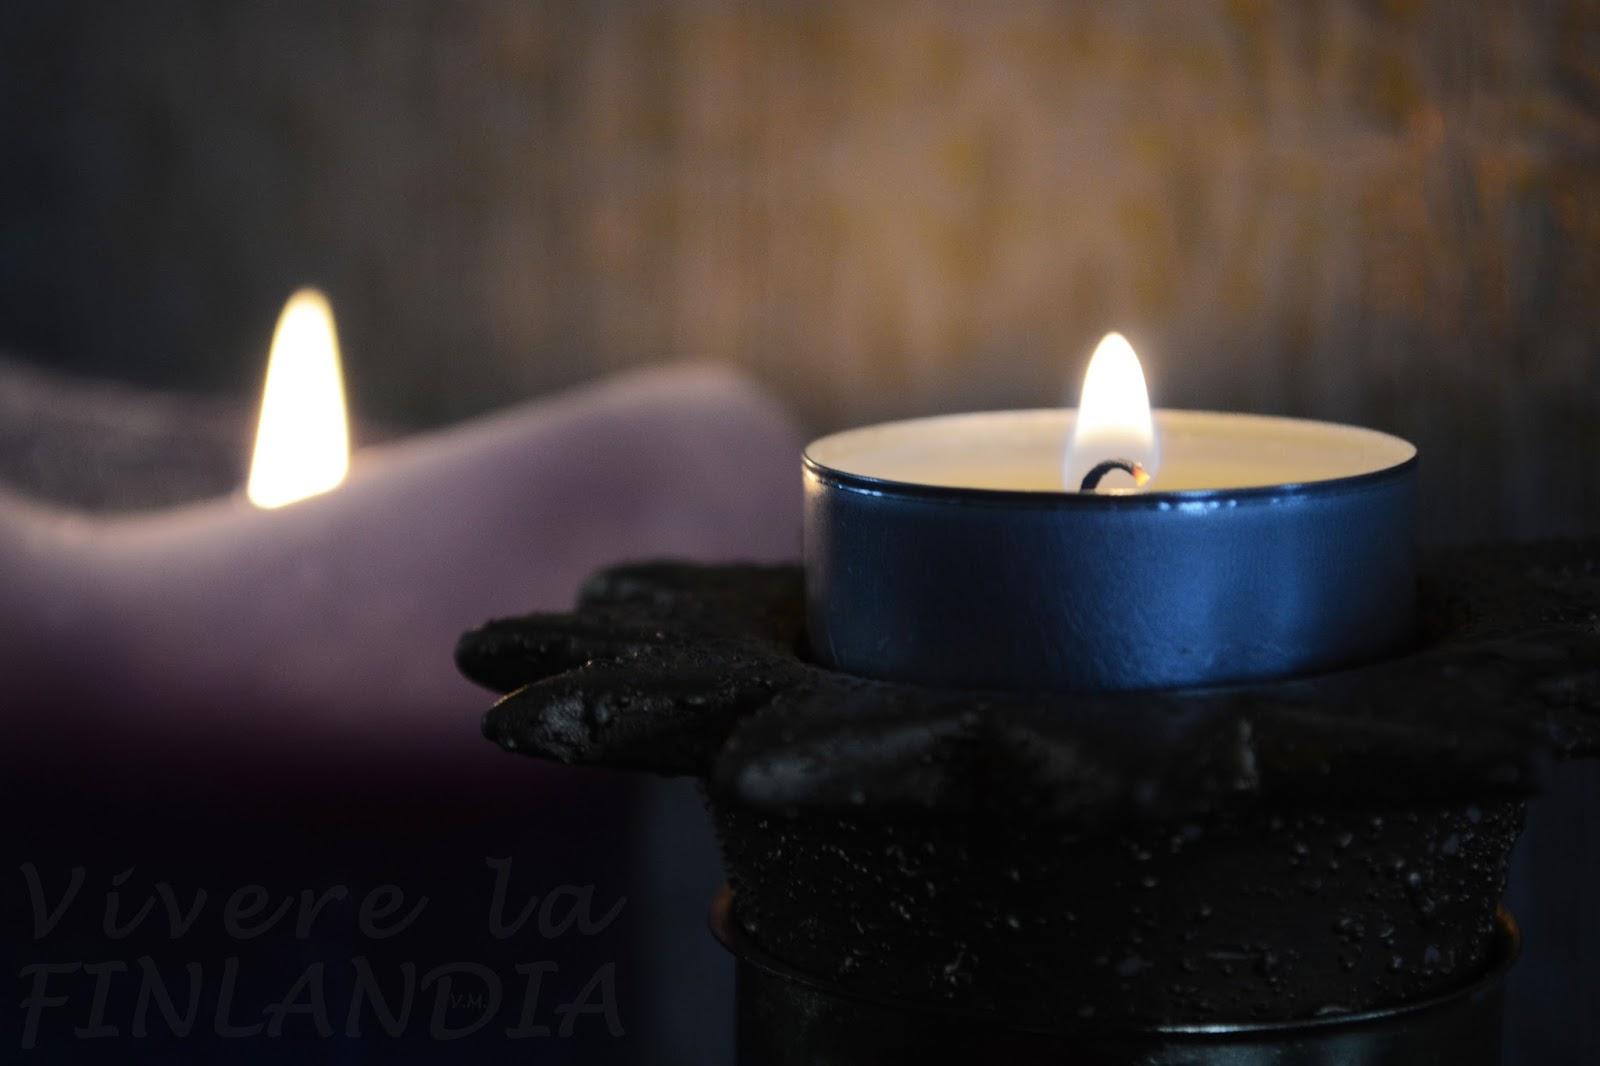 Periodo freddo e buio per fortuna esistono le candele